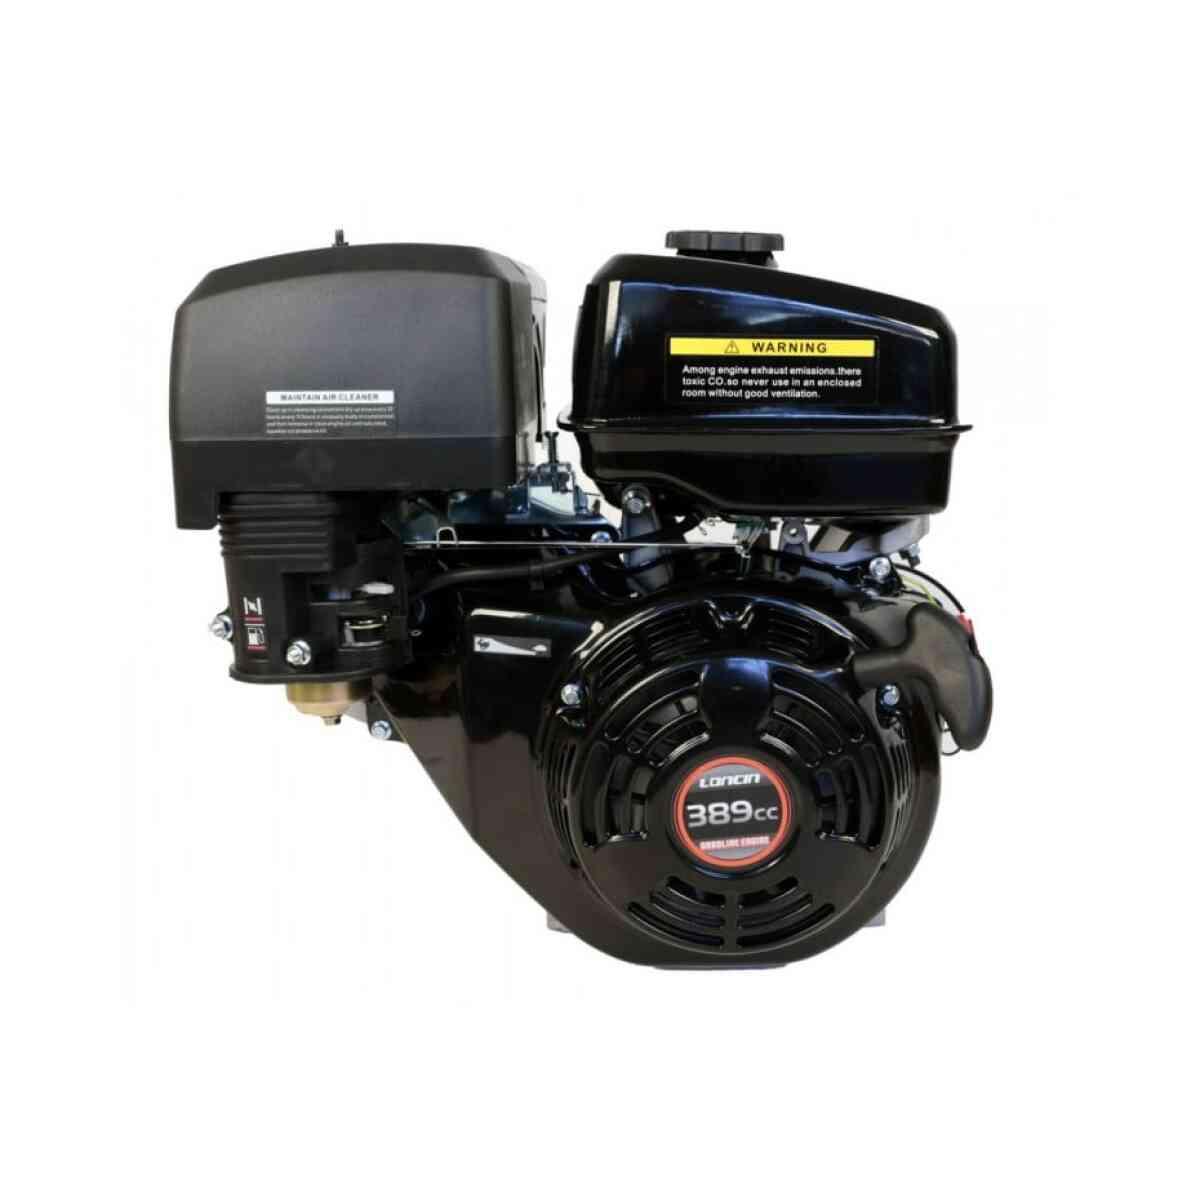 motor loncin 13cp g390f i padure gardina.ro 46